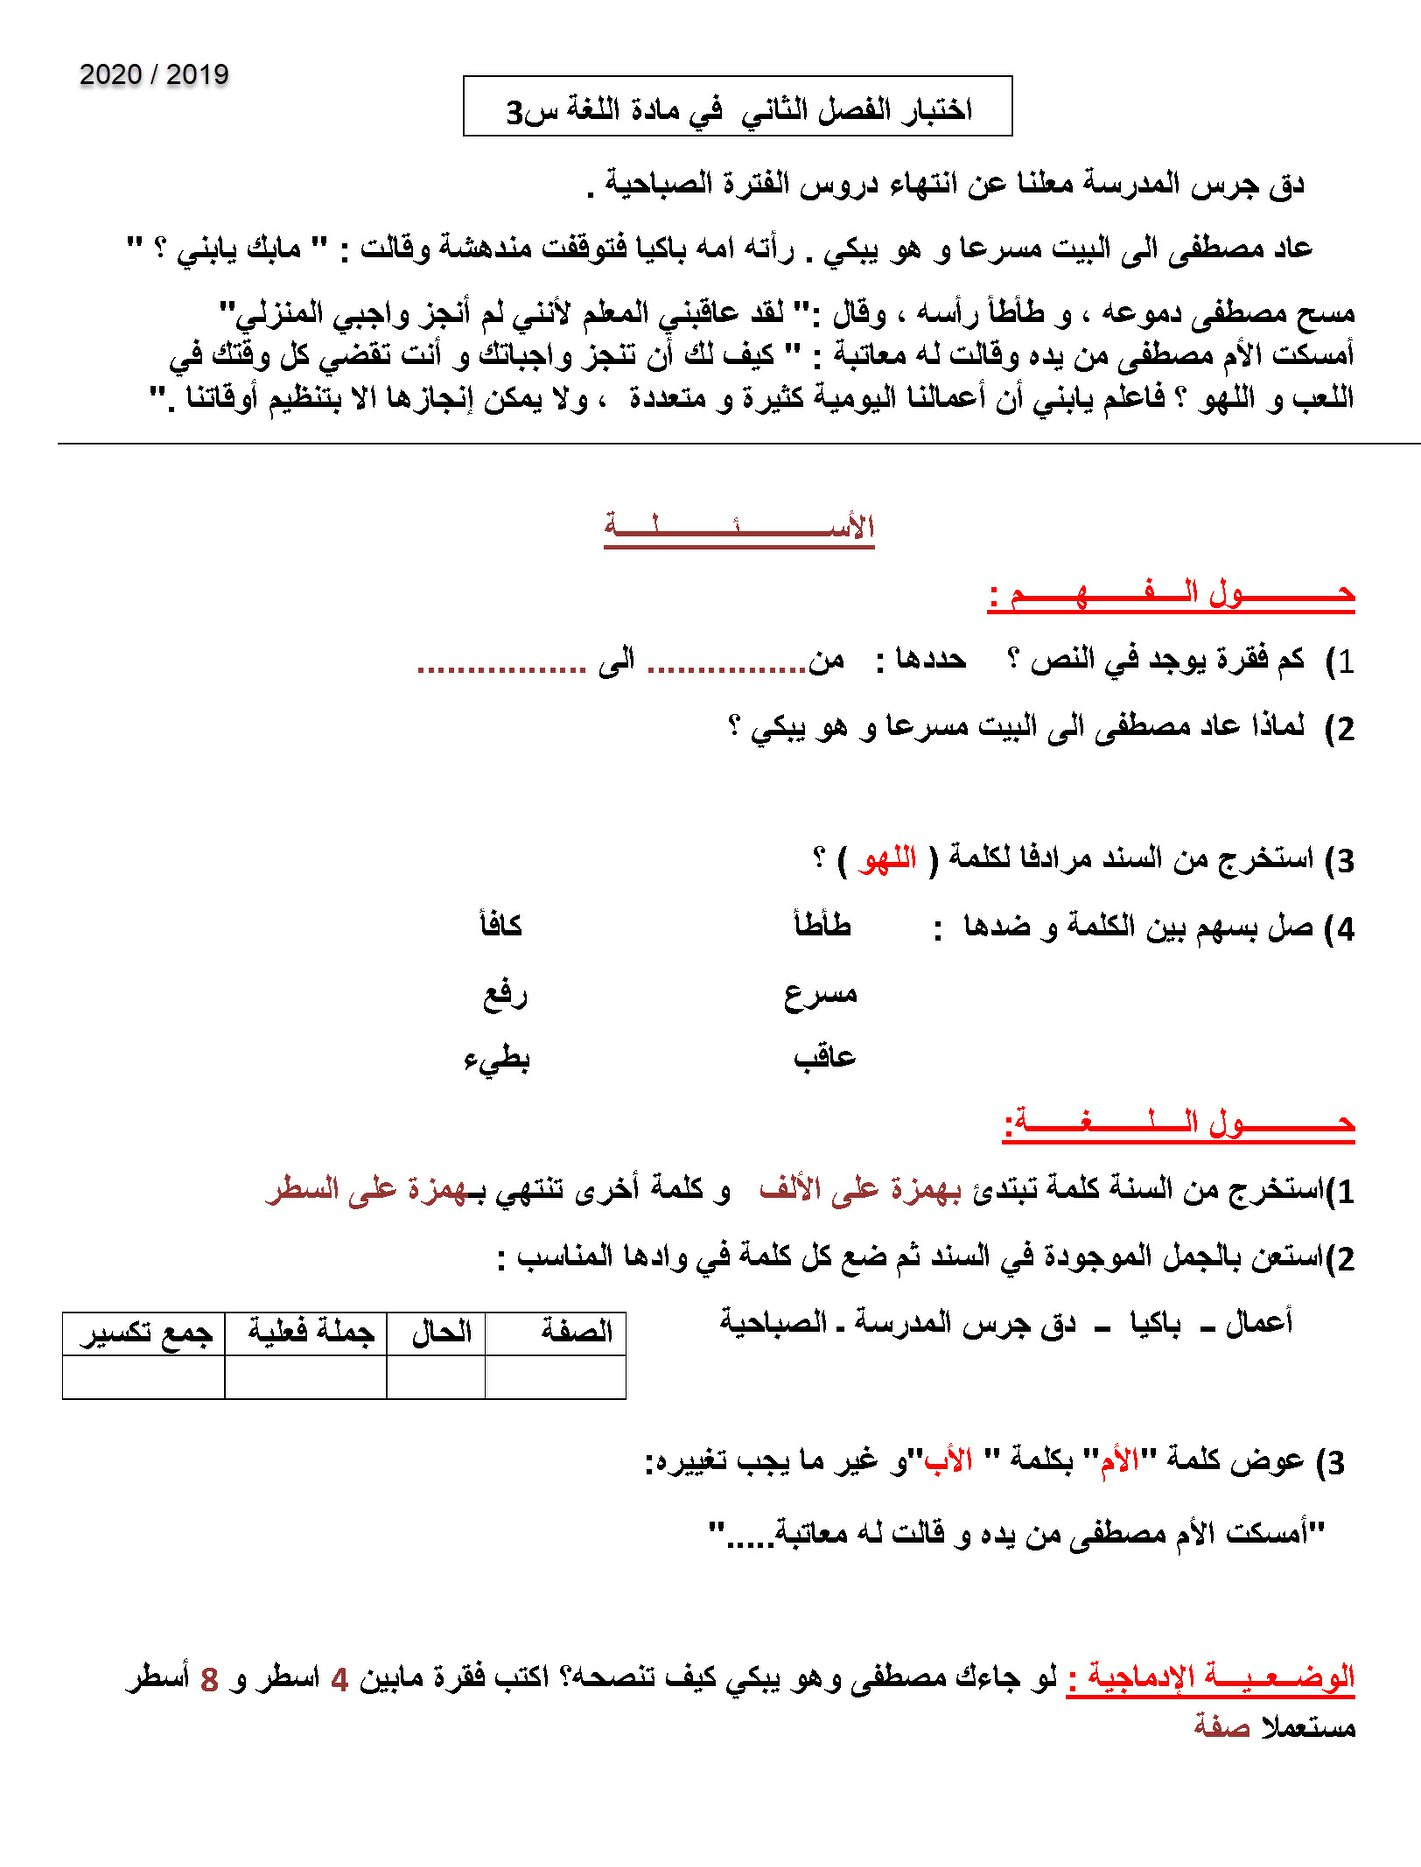 اختبار الفصل الثاني في اللغة العربية   السنة الثالثة ابتدائي   الموضوع 18